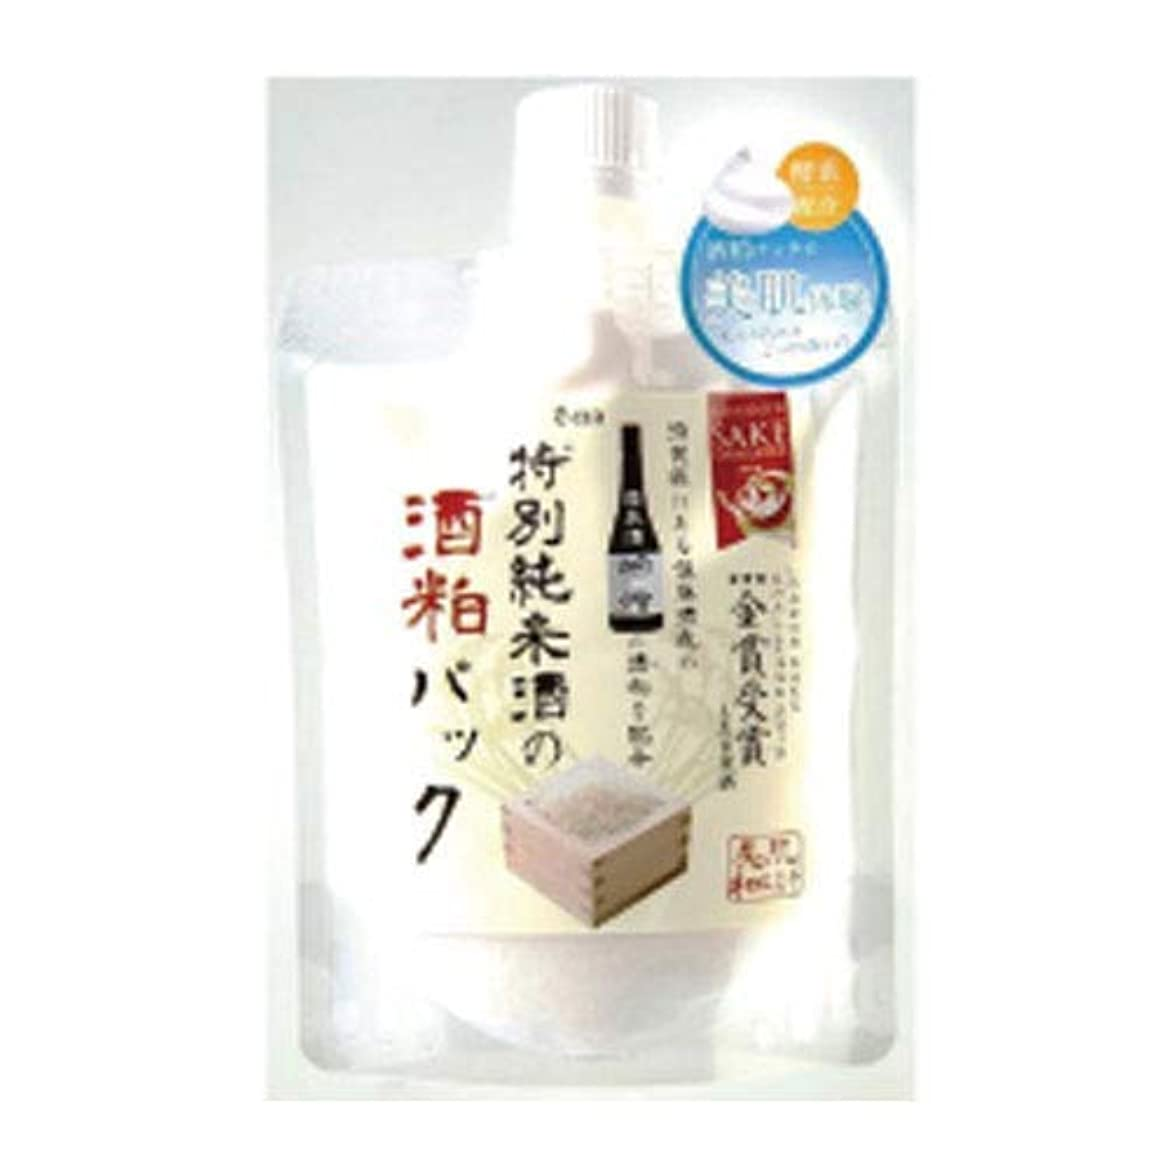 騒ぎ噴水アフリカ人特別純米酒の酒粕パック48個セット